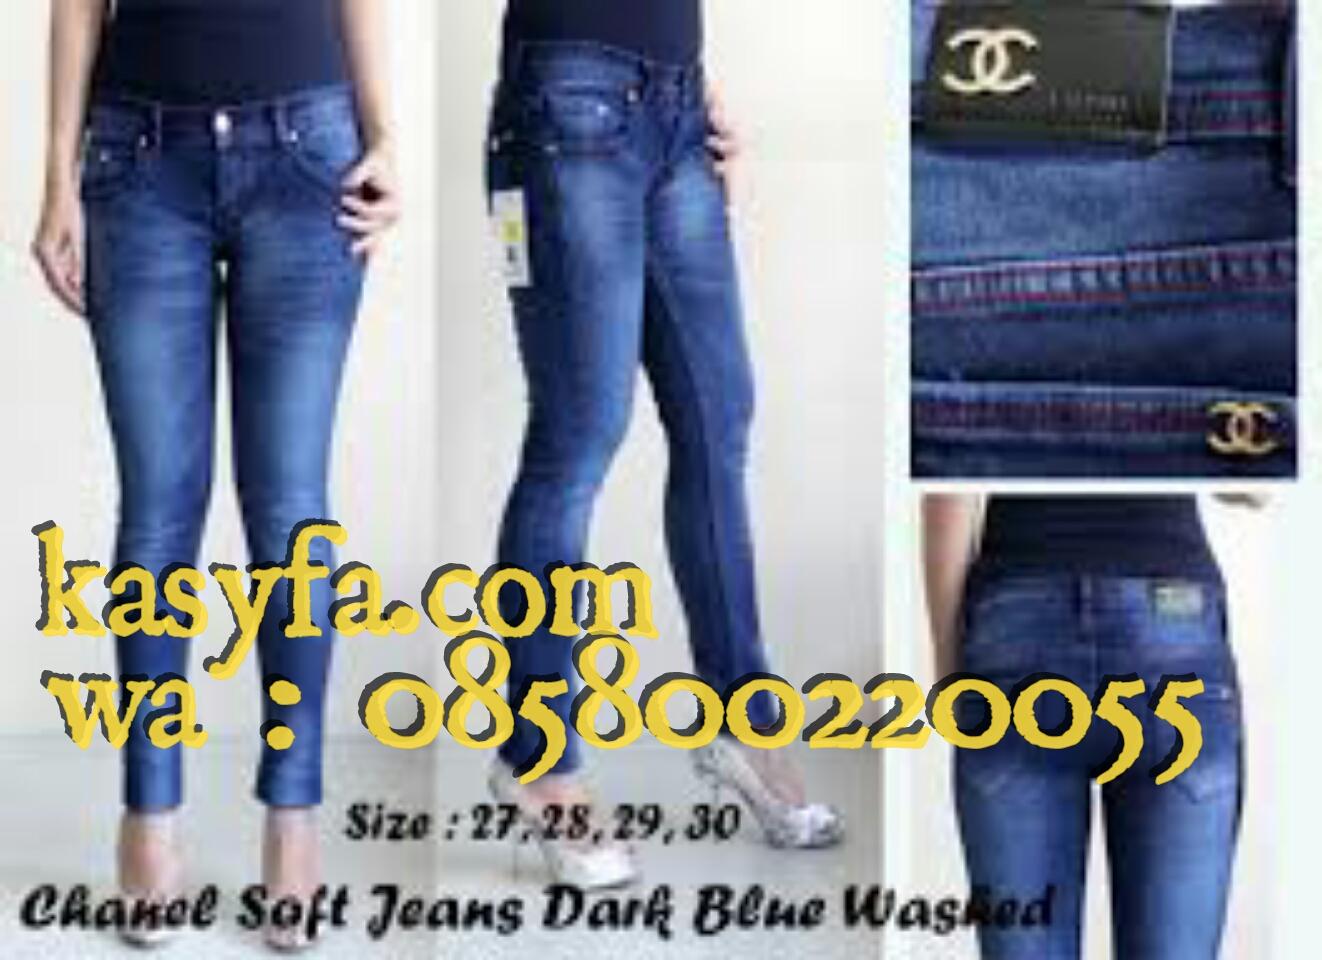 Jual Celana Jeans Wanita Murah Berkualitas - ''KASYFA SHOP''